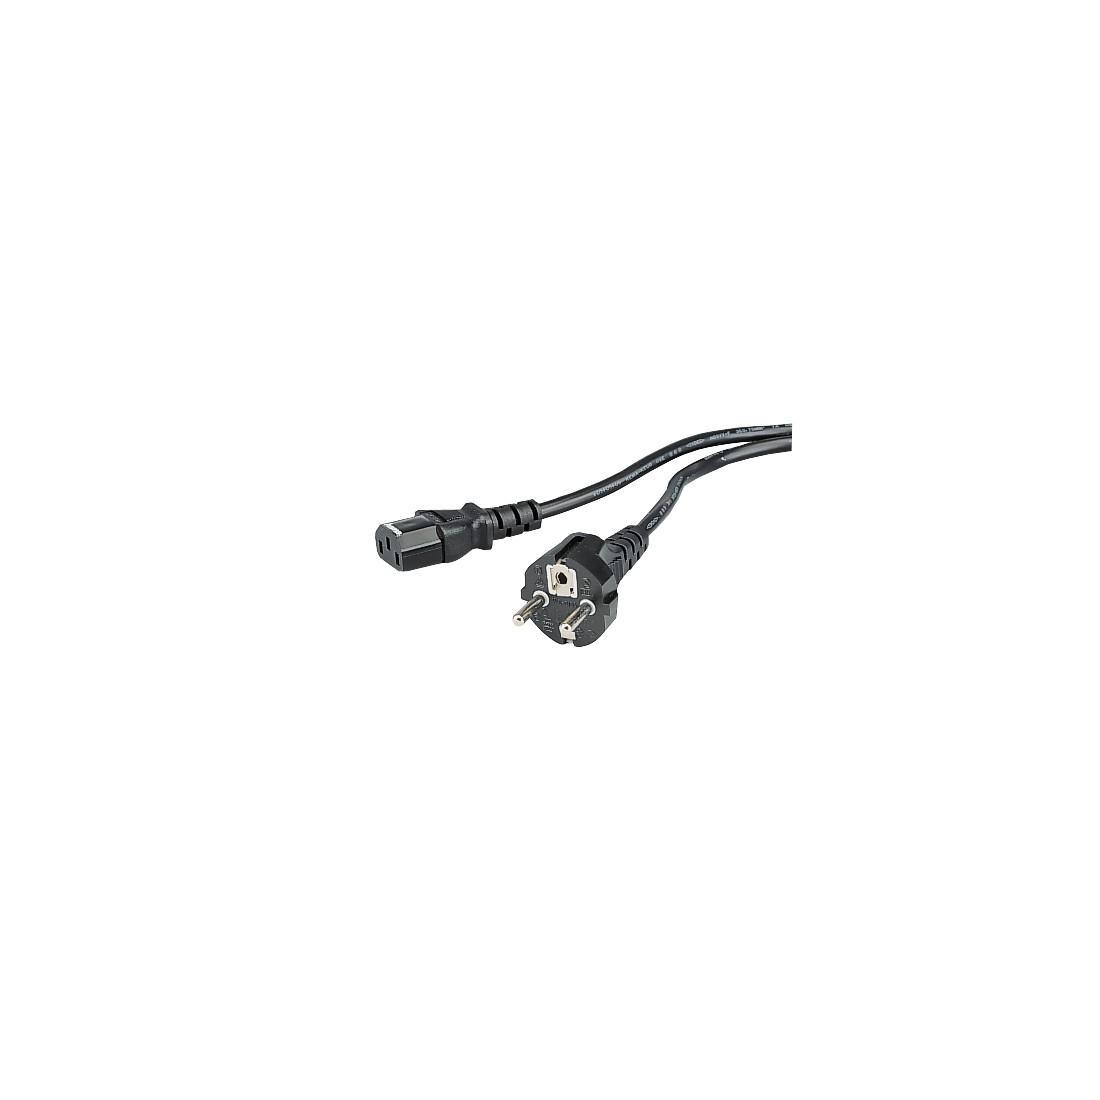 Удължителен захранващ кабел HAMA 29934, 3-pin socket, 1.5 m, Черен